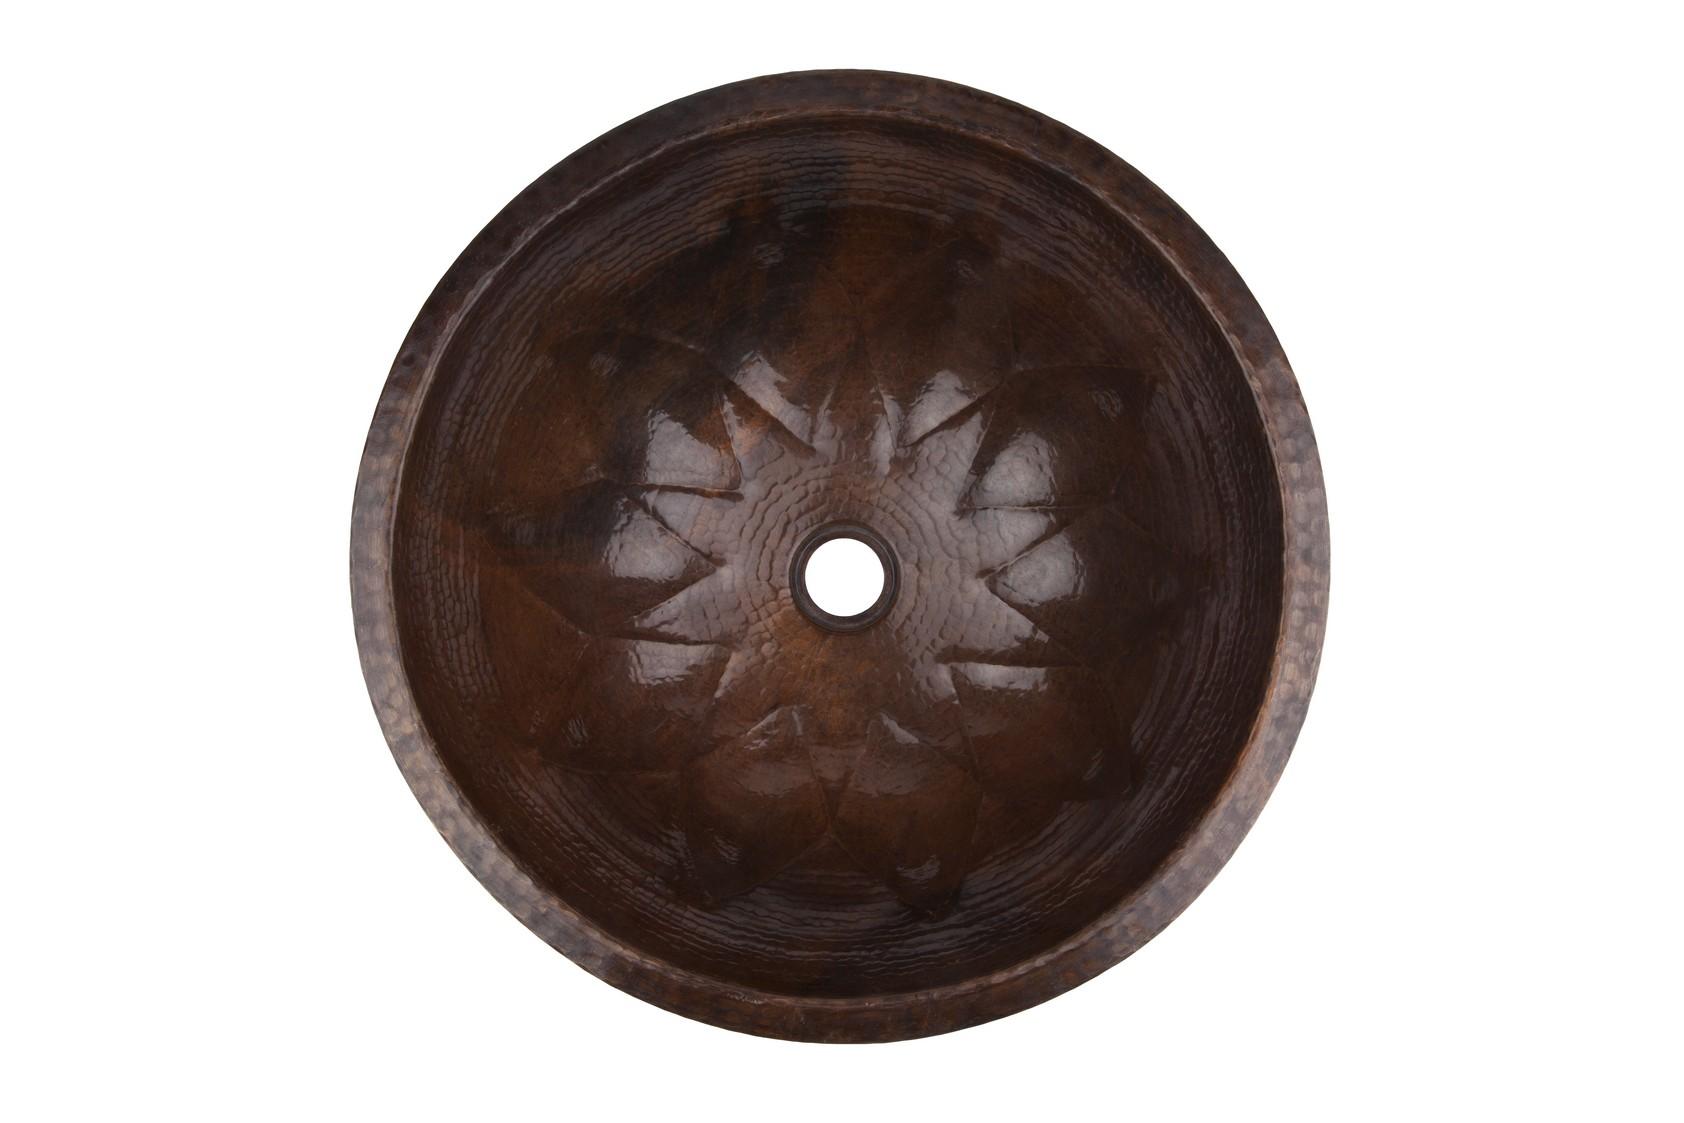 mexikanische waschbecken und fliesen hendbemalte keramik waschbecken. Black Bedroom Furniture Sets. Home Design Ideas